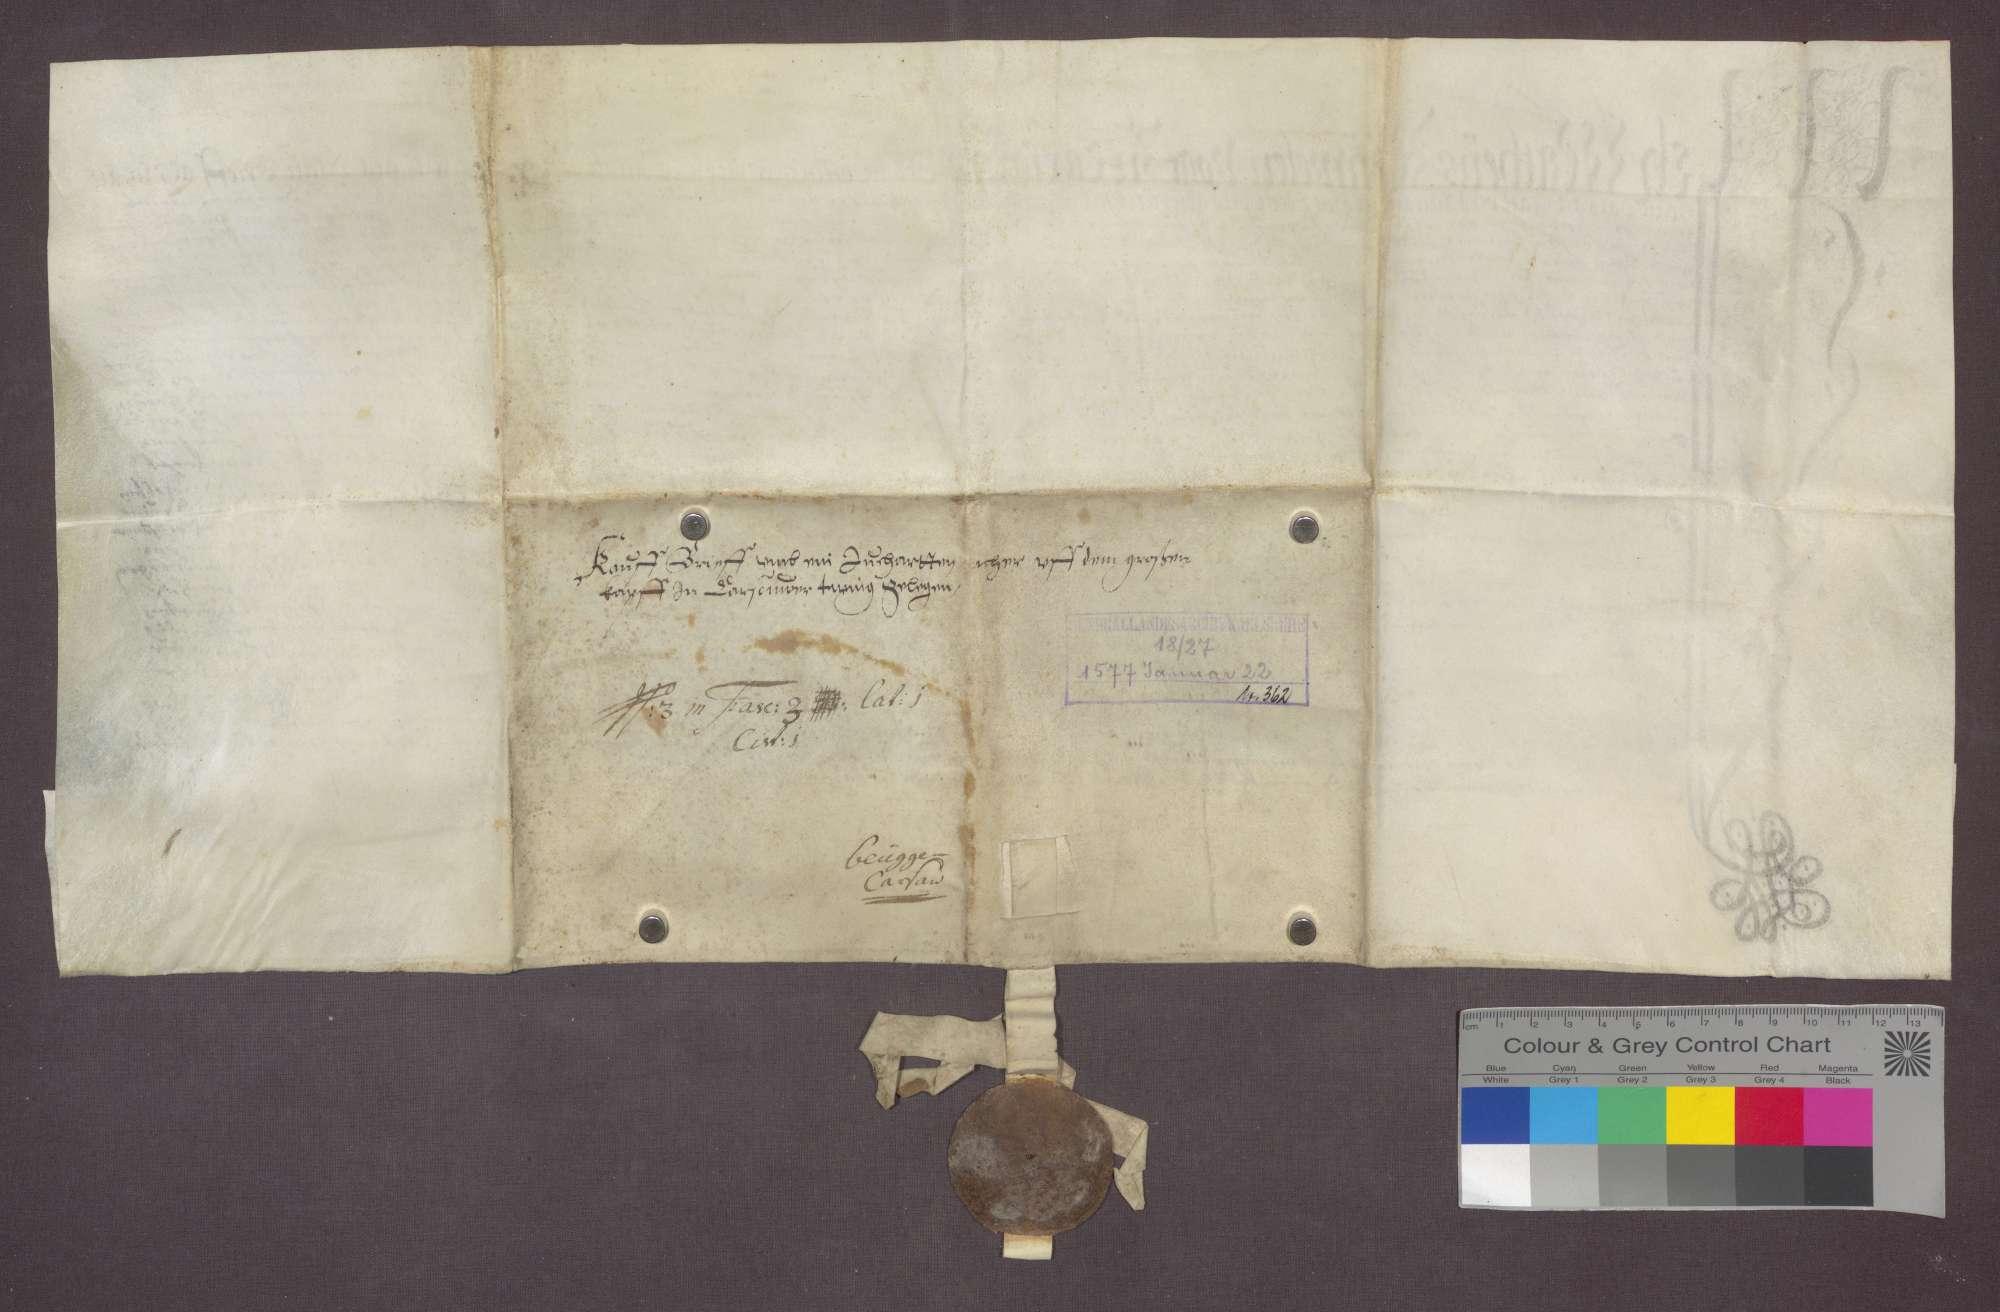 Hans Schmidlin von Karsau verkauft an Ottilia Brombach daselbst 1 Juchart Acker um 20 Pfund Stebler., Bild 2